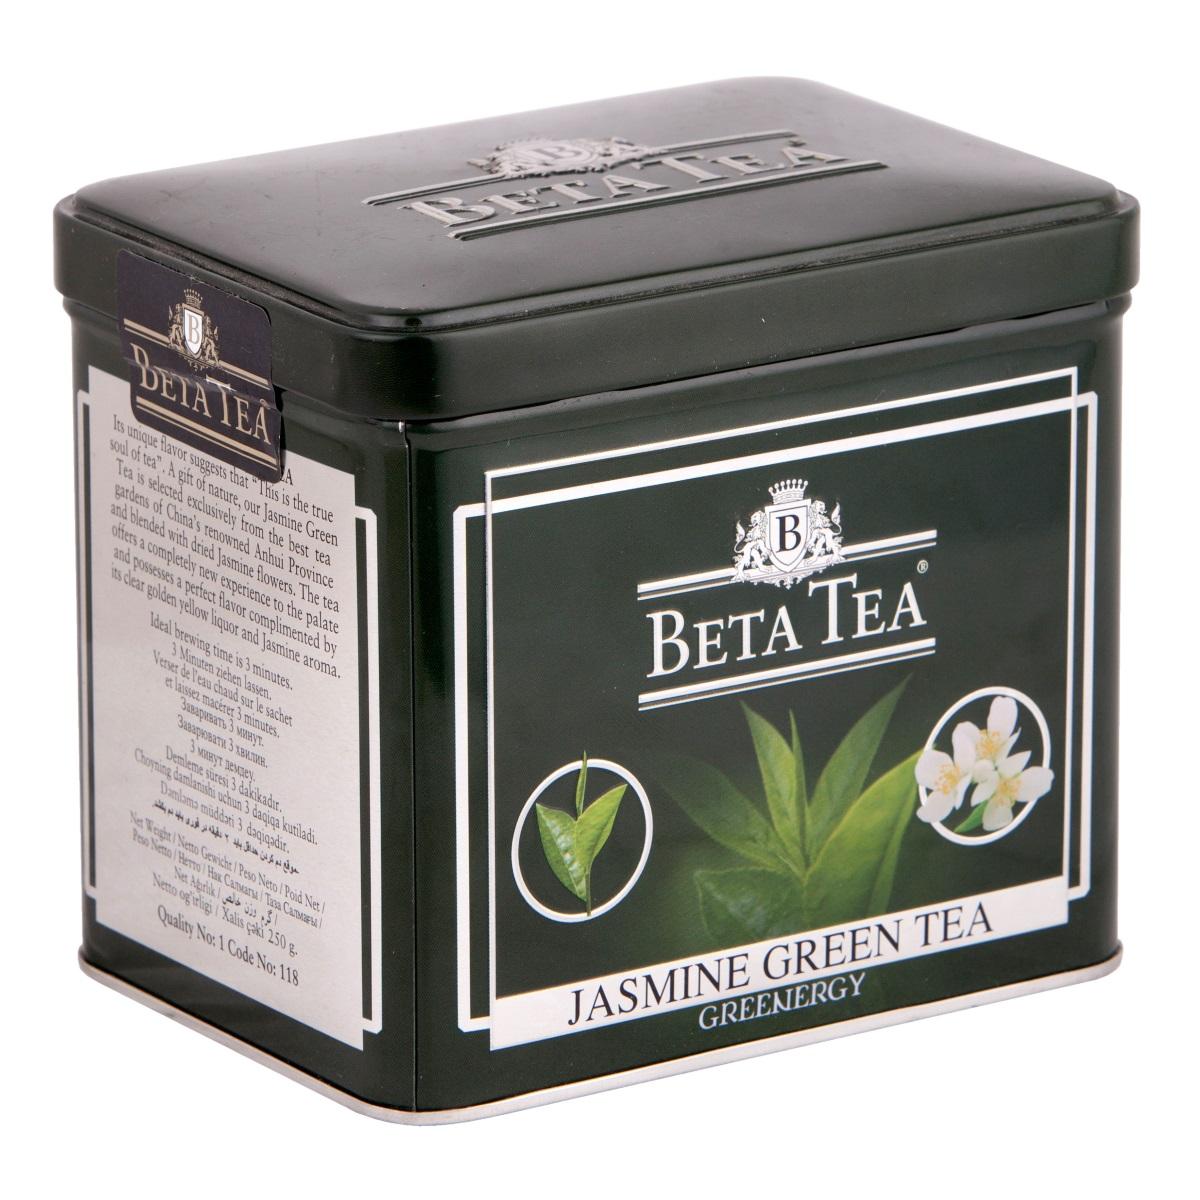 Beta Tea Зеленый с жасмином листовой чай, 250 г8690717005089Beta Tea предлагает вам насладиться целебными качествами зеленого чая с лепестками тропического жасмина, цветки которого собирают на горных склонах до восхода солнца, чтобы сохранить их нежный аромат. Настой обладает тонким цветочным ароматом и мягким вкусом.